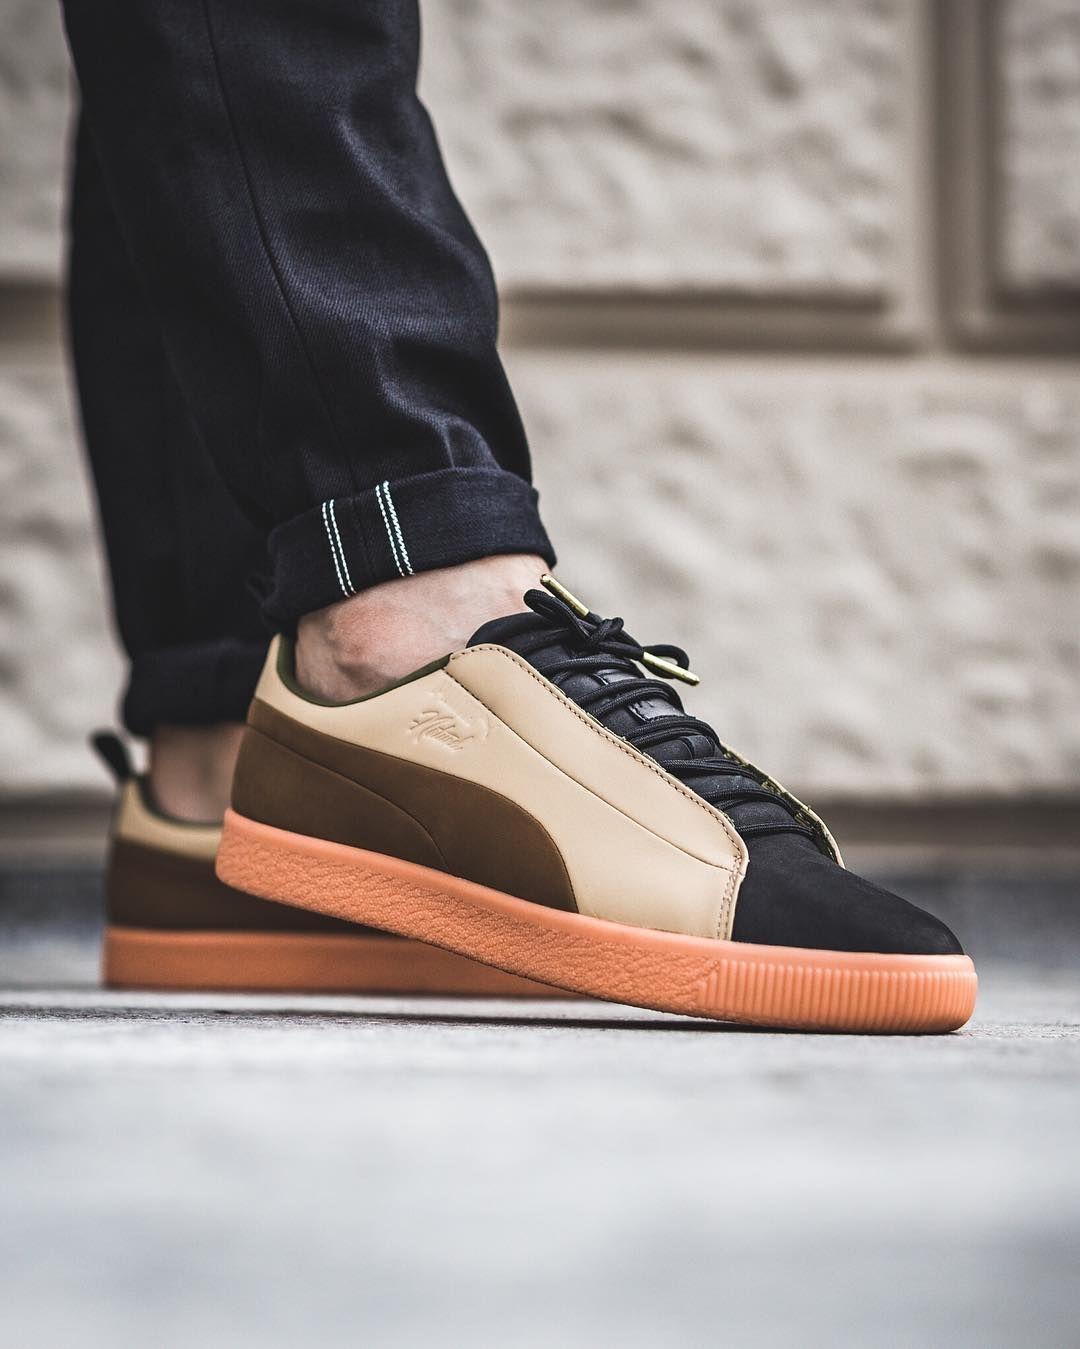 new product e7340 9e33d PUMA Clyde FSHN Glow Naturel | PUMA in 2019 | Puma sneakers ...